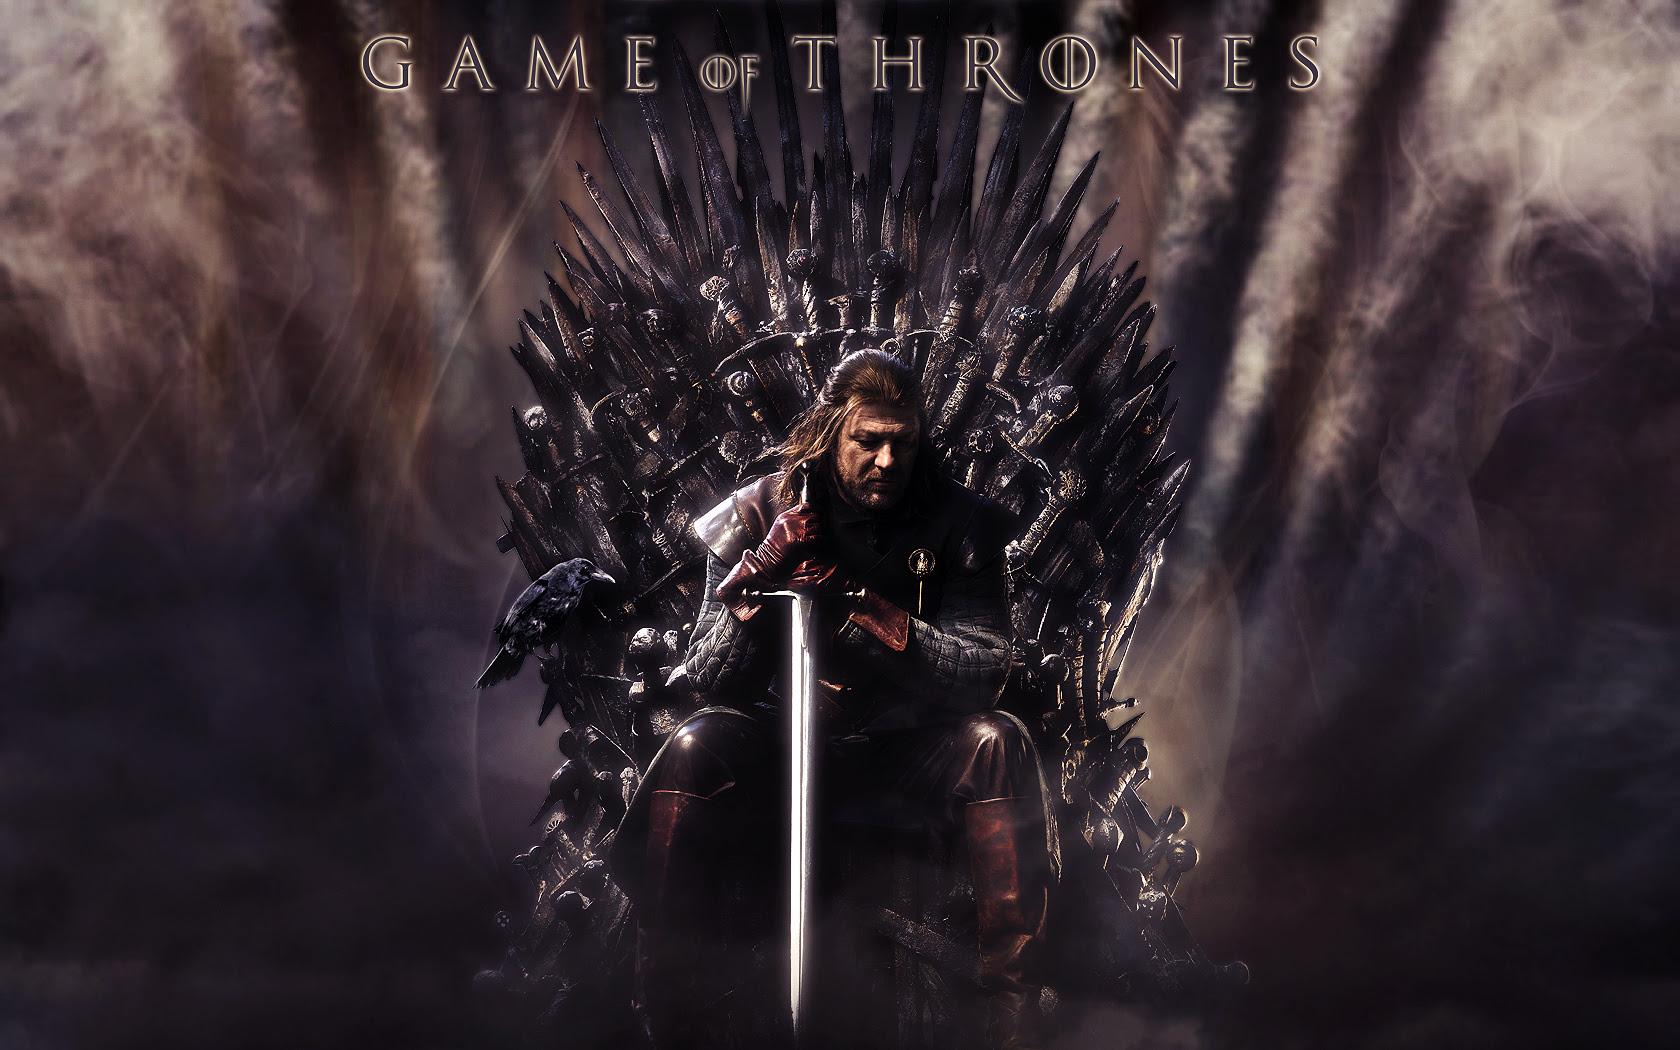 Wallpapers de Game of Thrones Cancion de Hielo y Fuego  Taringa!